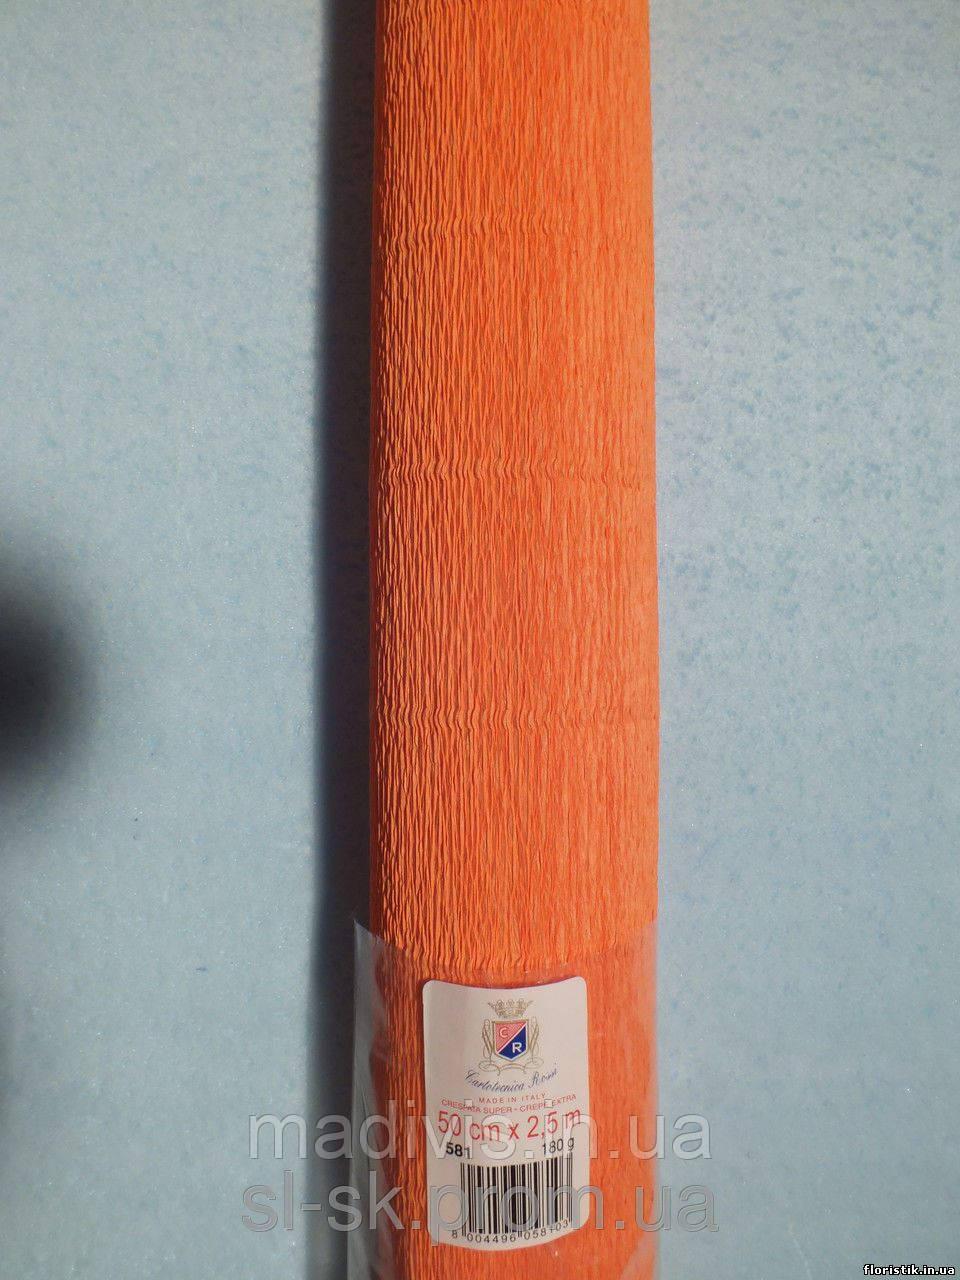 Бумага гофрированная, 581 ярко-оранжевая